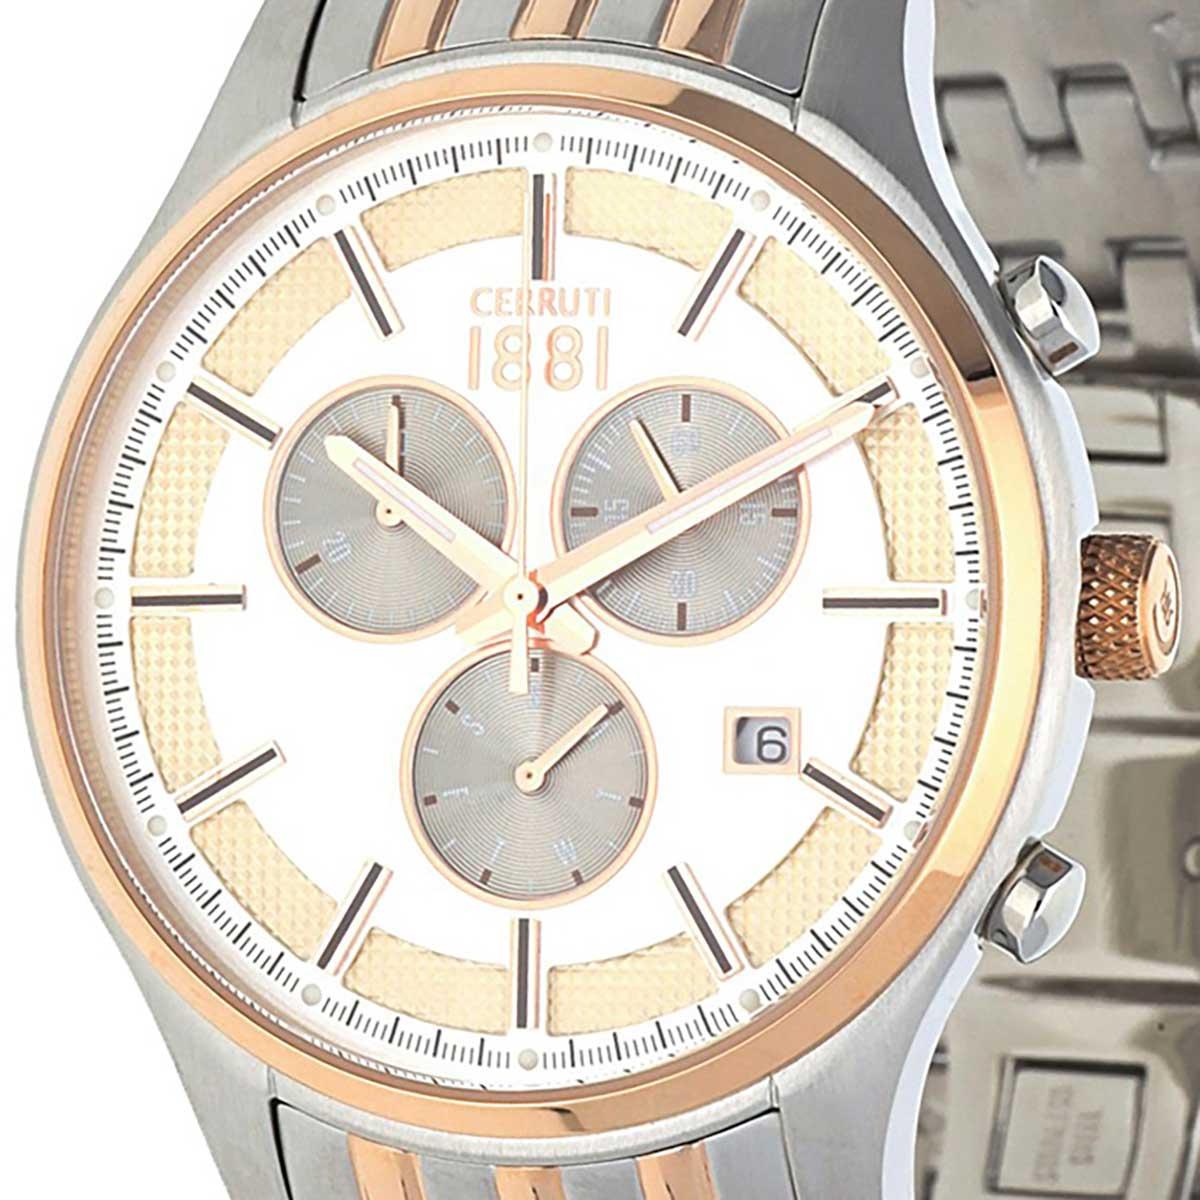 【残り1点】CERRUTI 1881 チェルッティ1881 電池式クォーツ 腕時計 [CRA115STR04MRT] 並行輸入品 ゴールド(金)